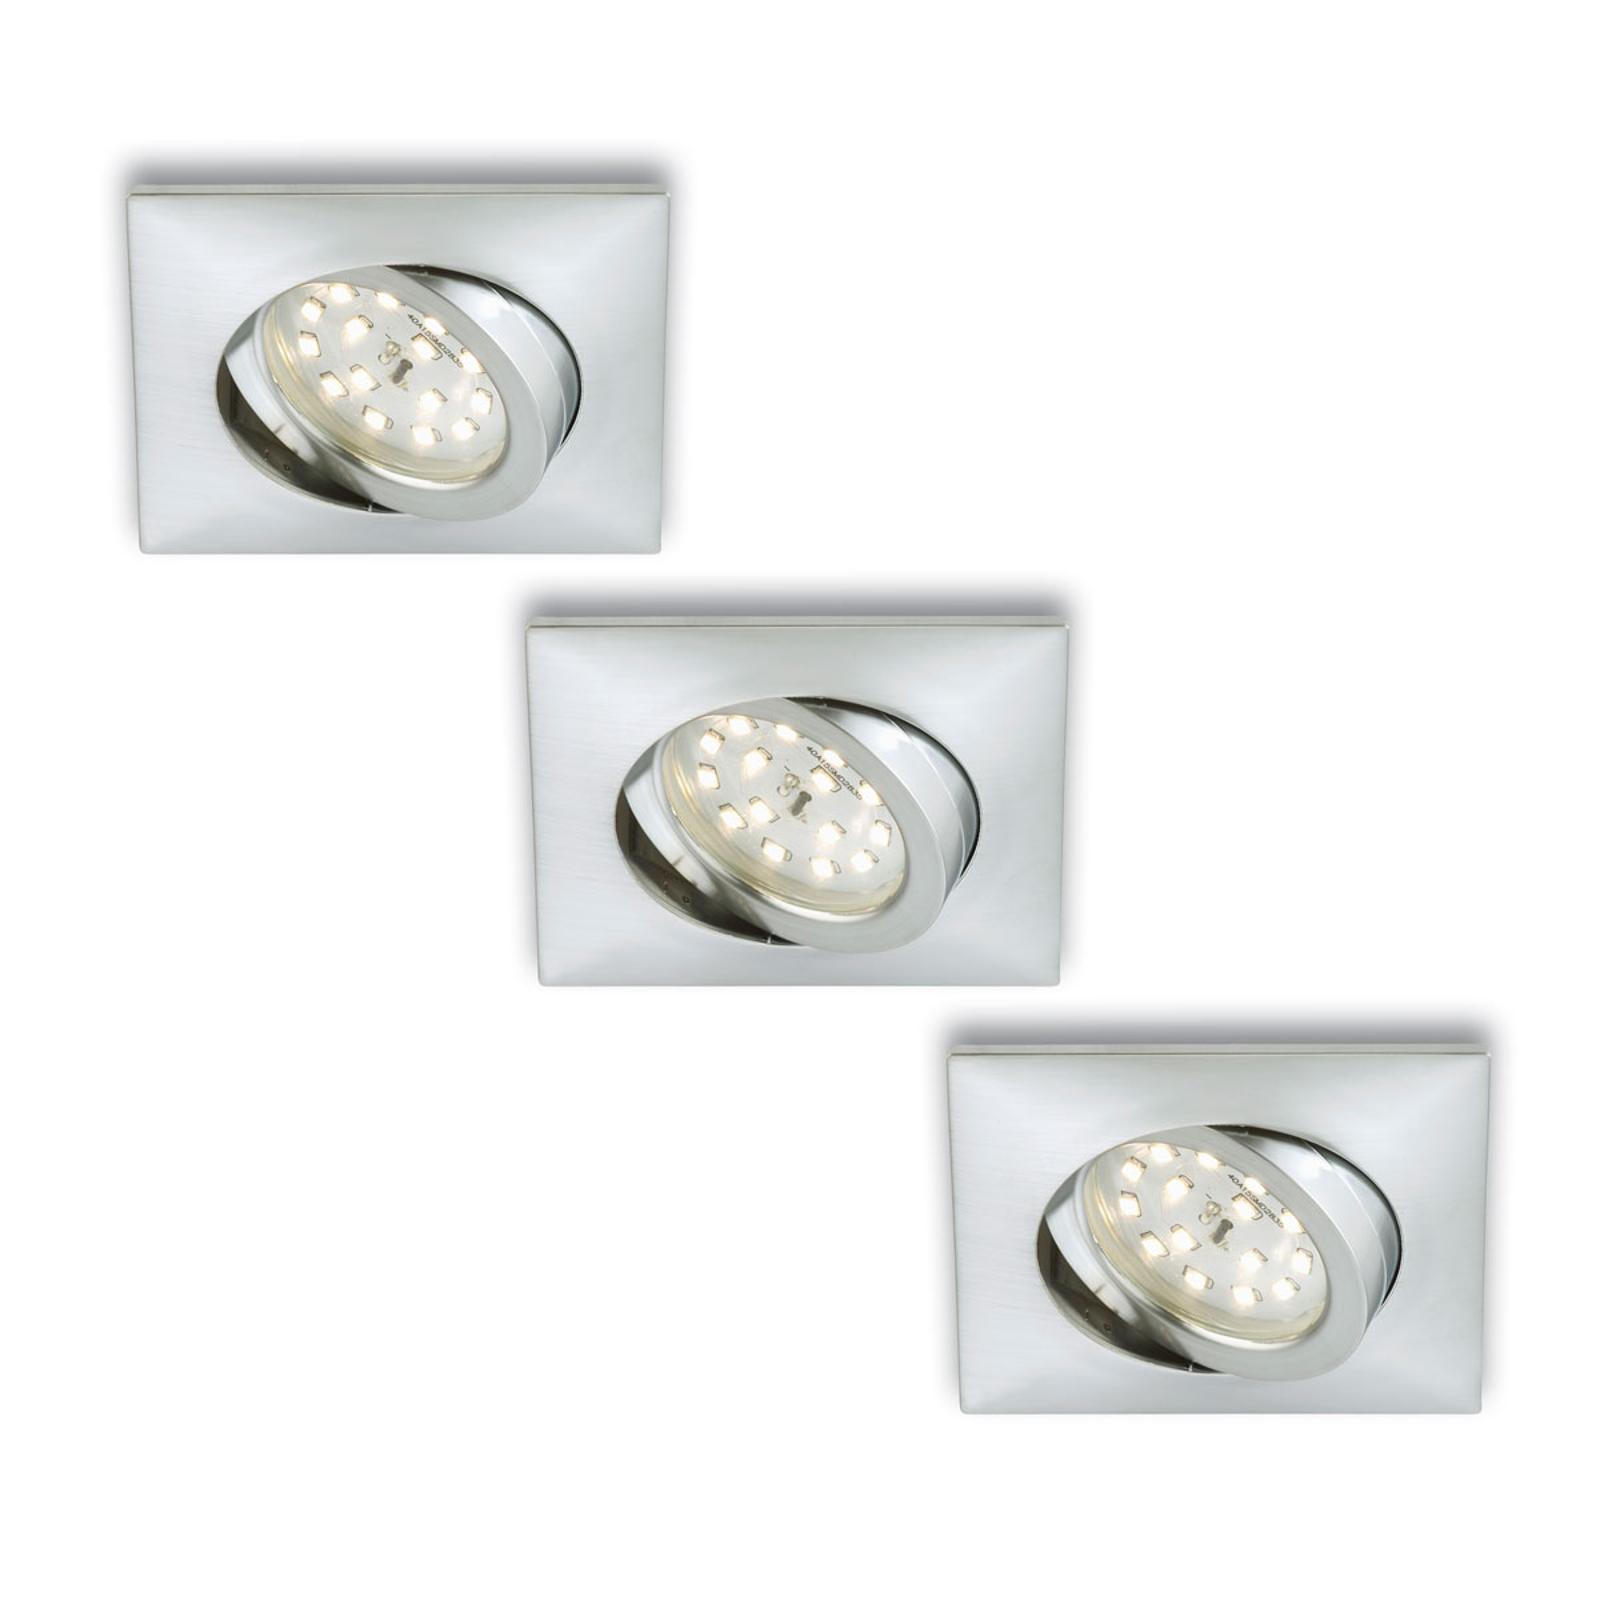 LED podhledové svítidlo Erik 3ks hranaté hliník